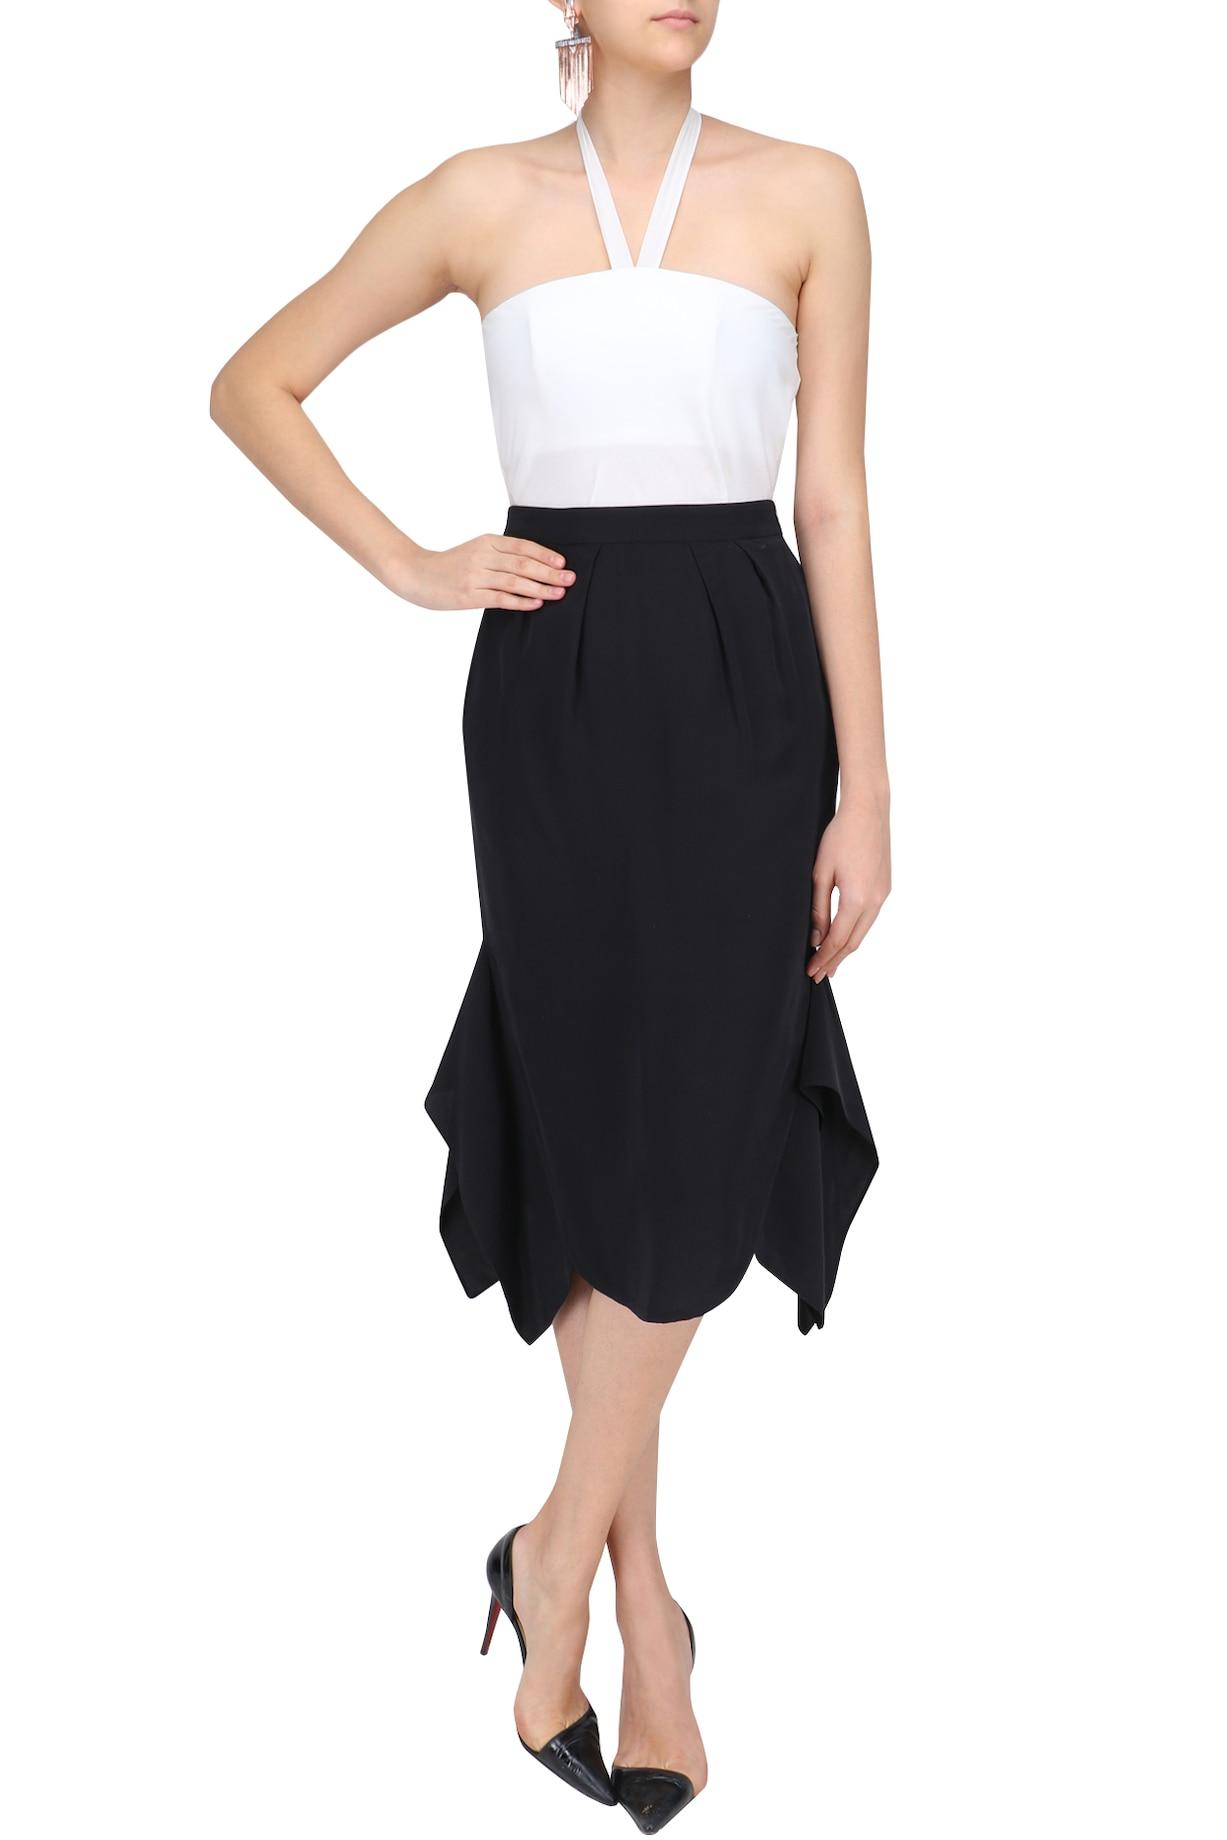 Birdwalk Skirts